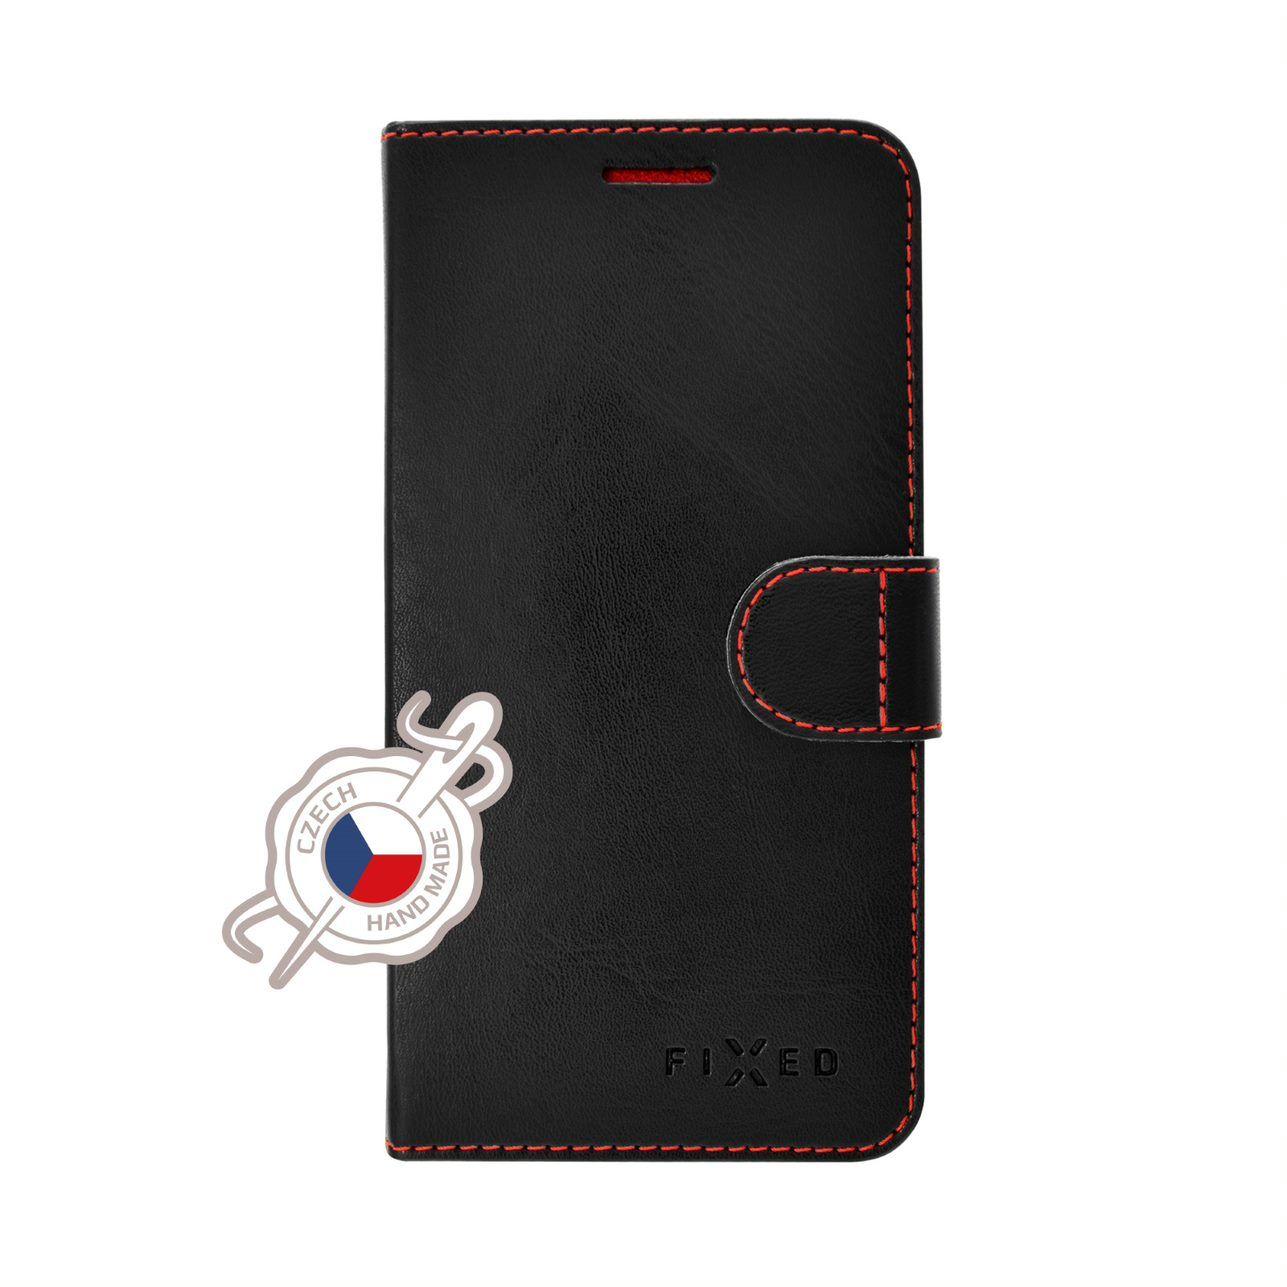 FIXED FIT flipové pouzdro, obal, kryt Xiaomi Redmi 9A black